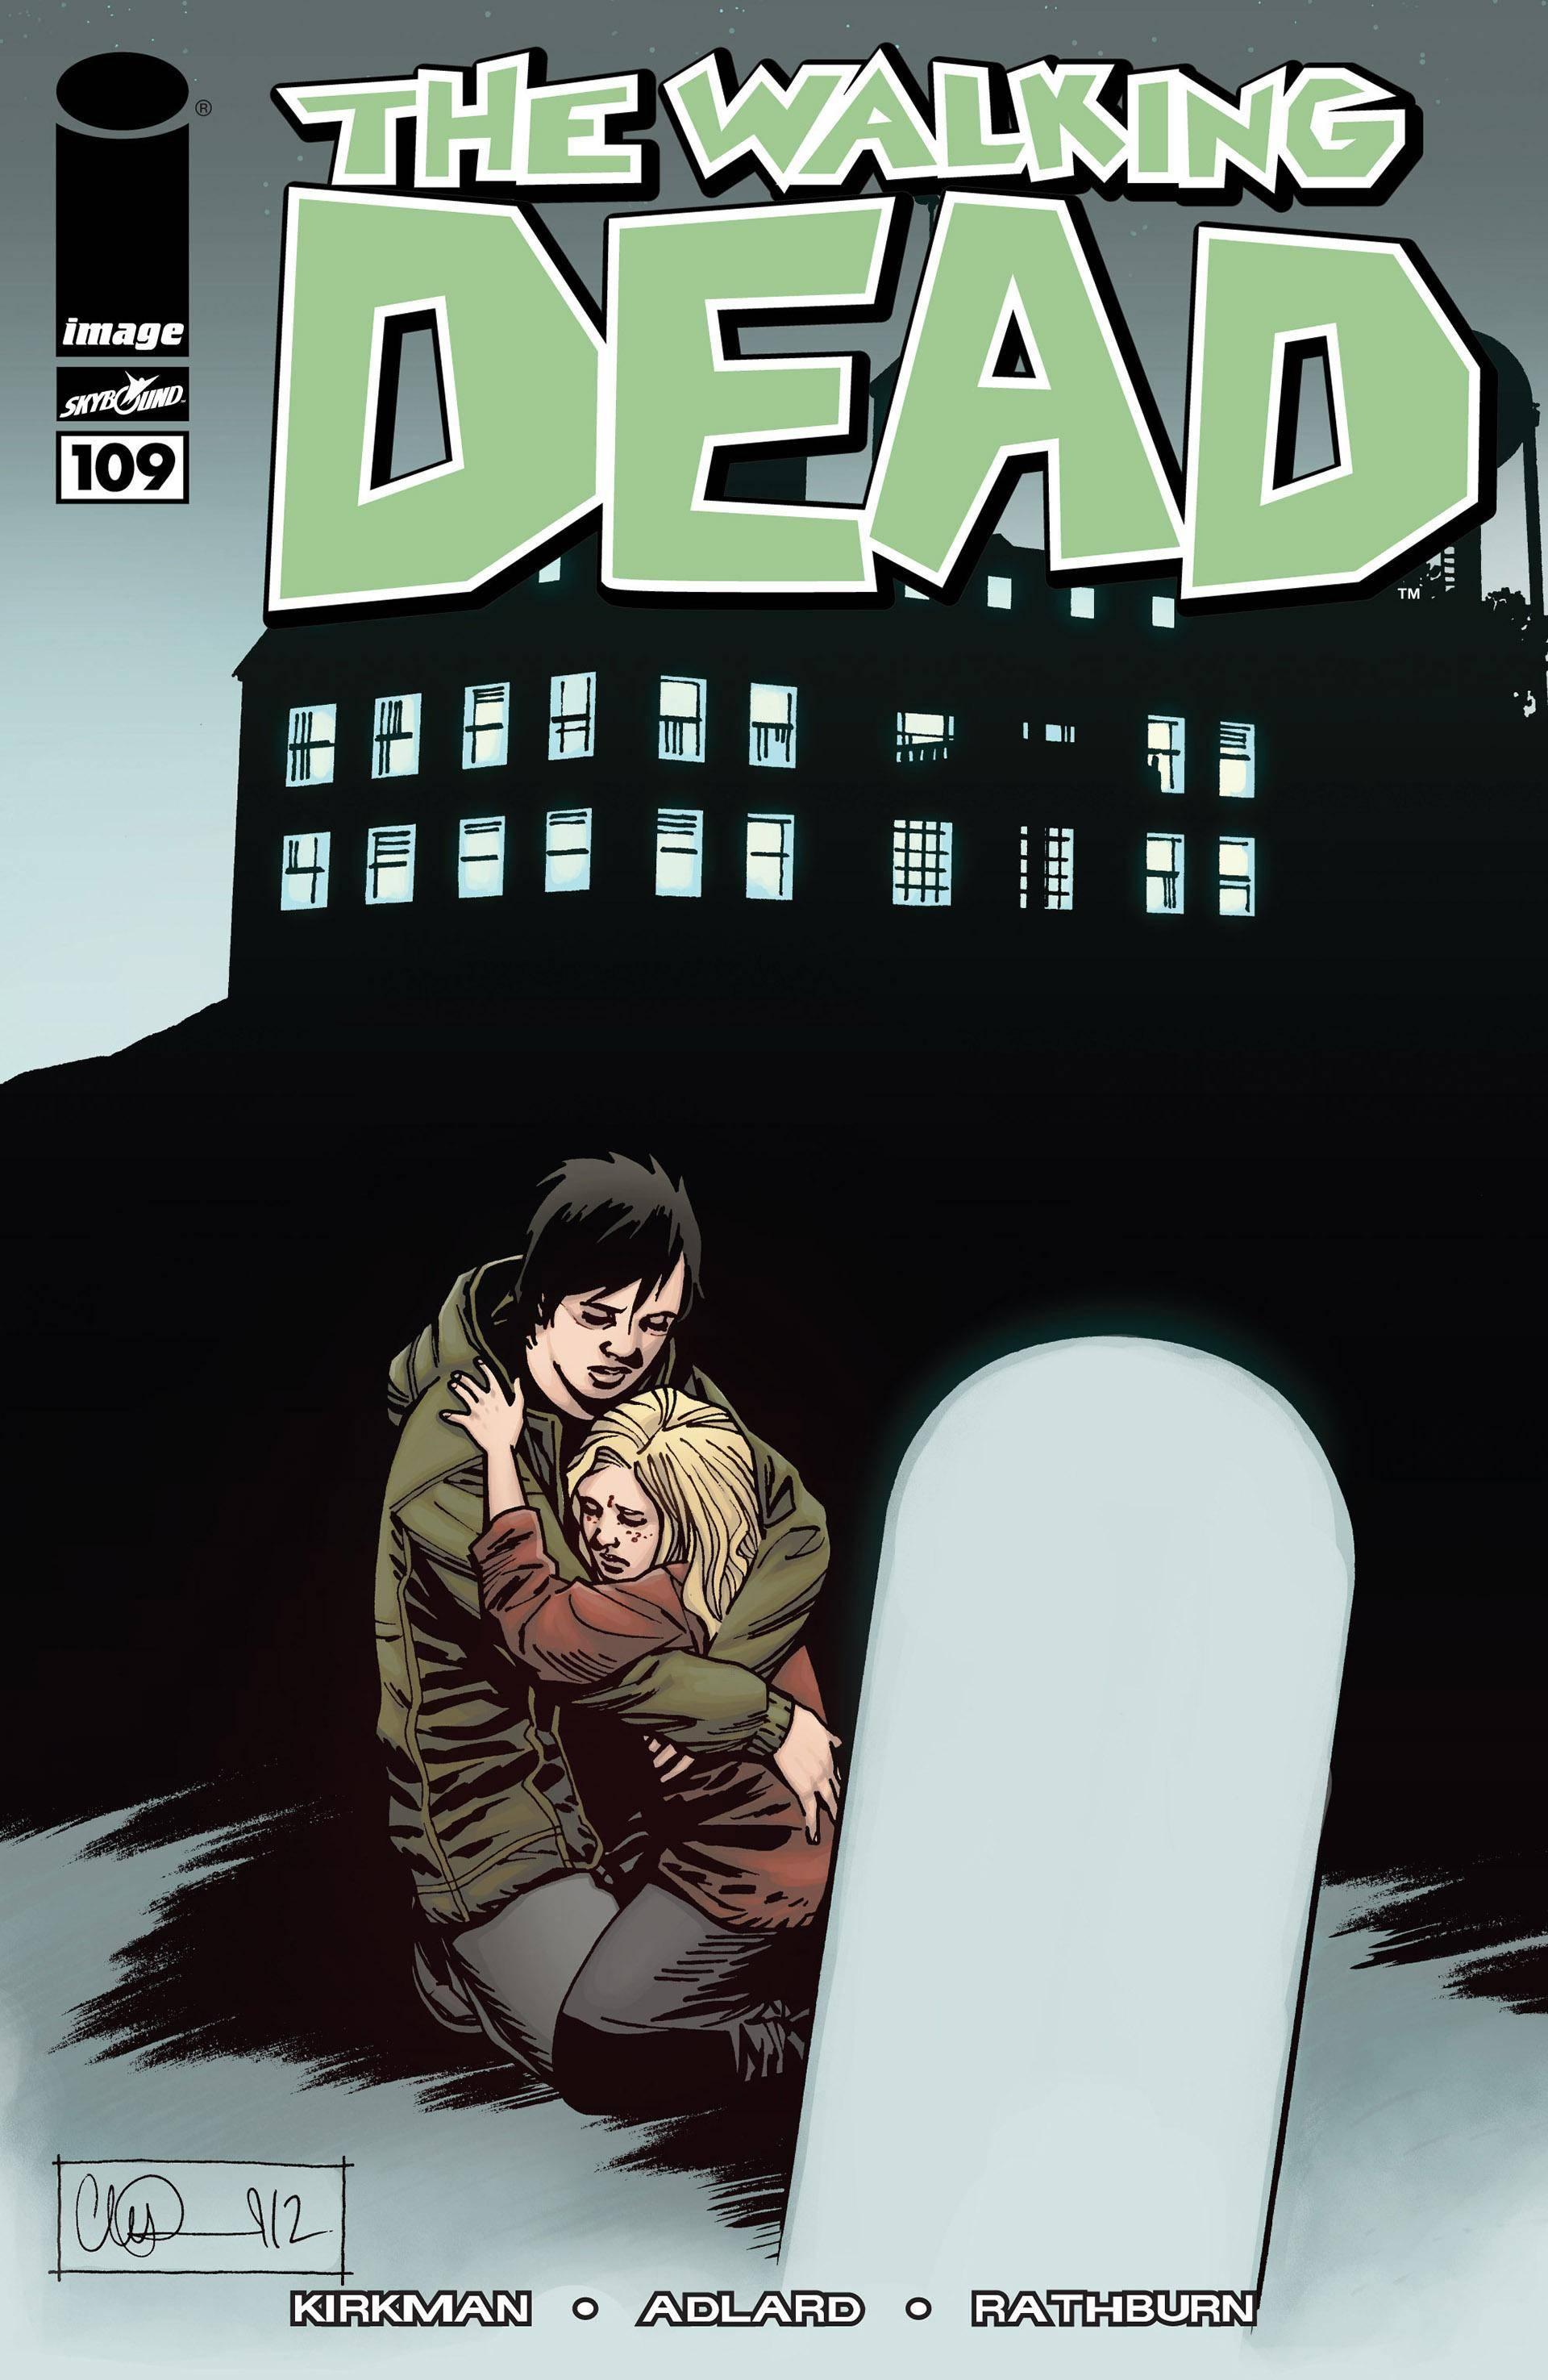 Walking Dead 109 2013 Digital